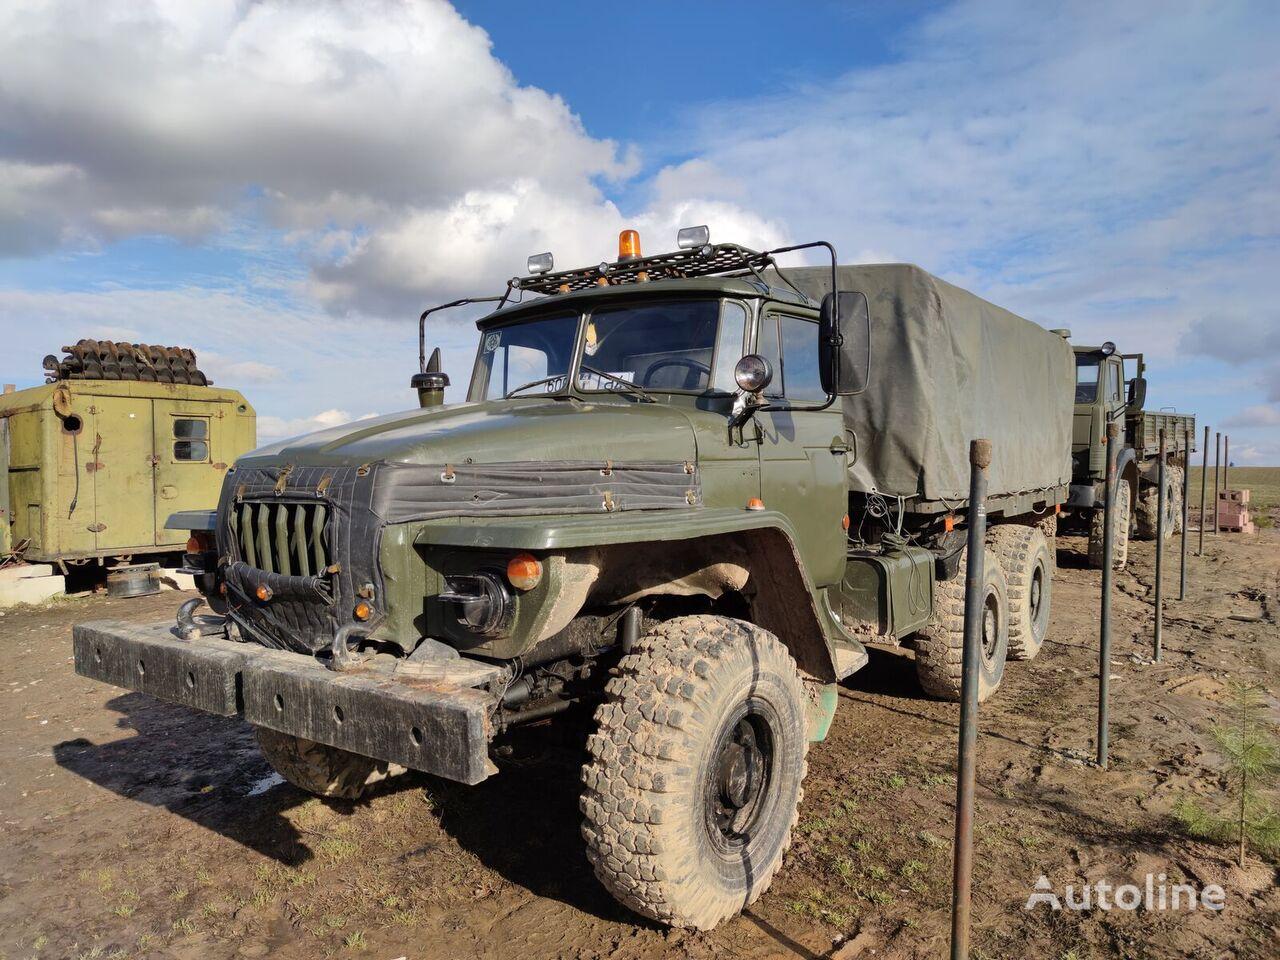 evakuatorius sunkvežimis URAL 4320, 6x6, kamaz diesel engine